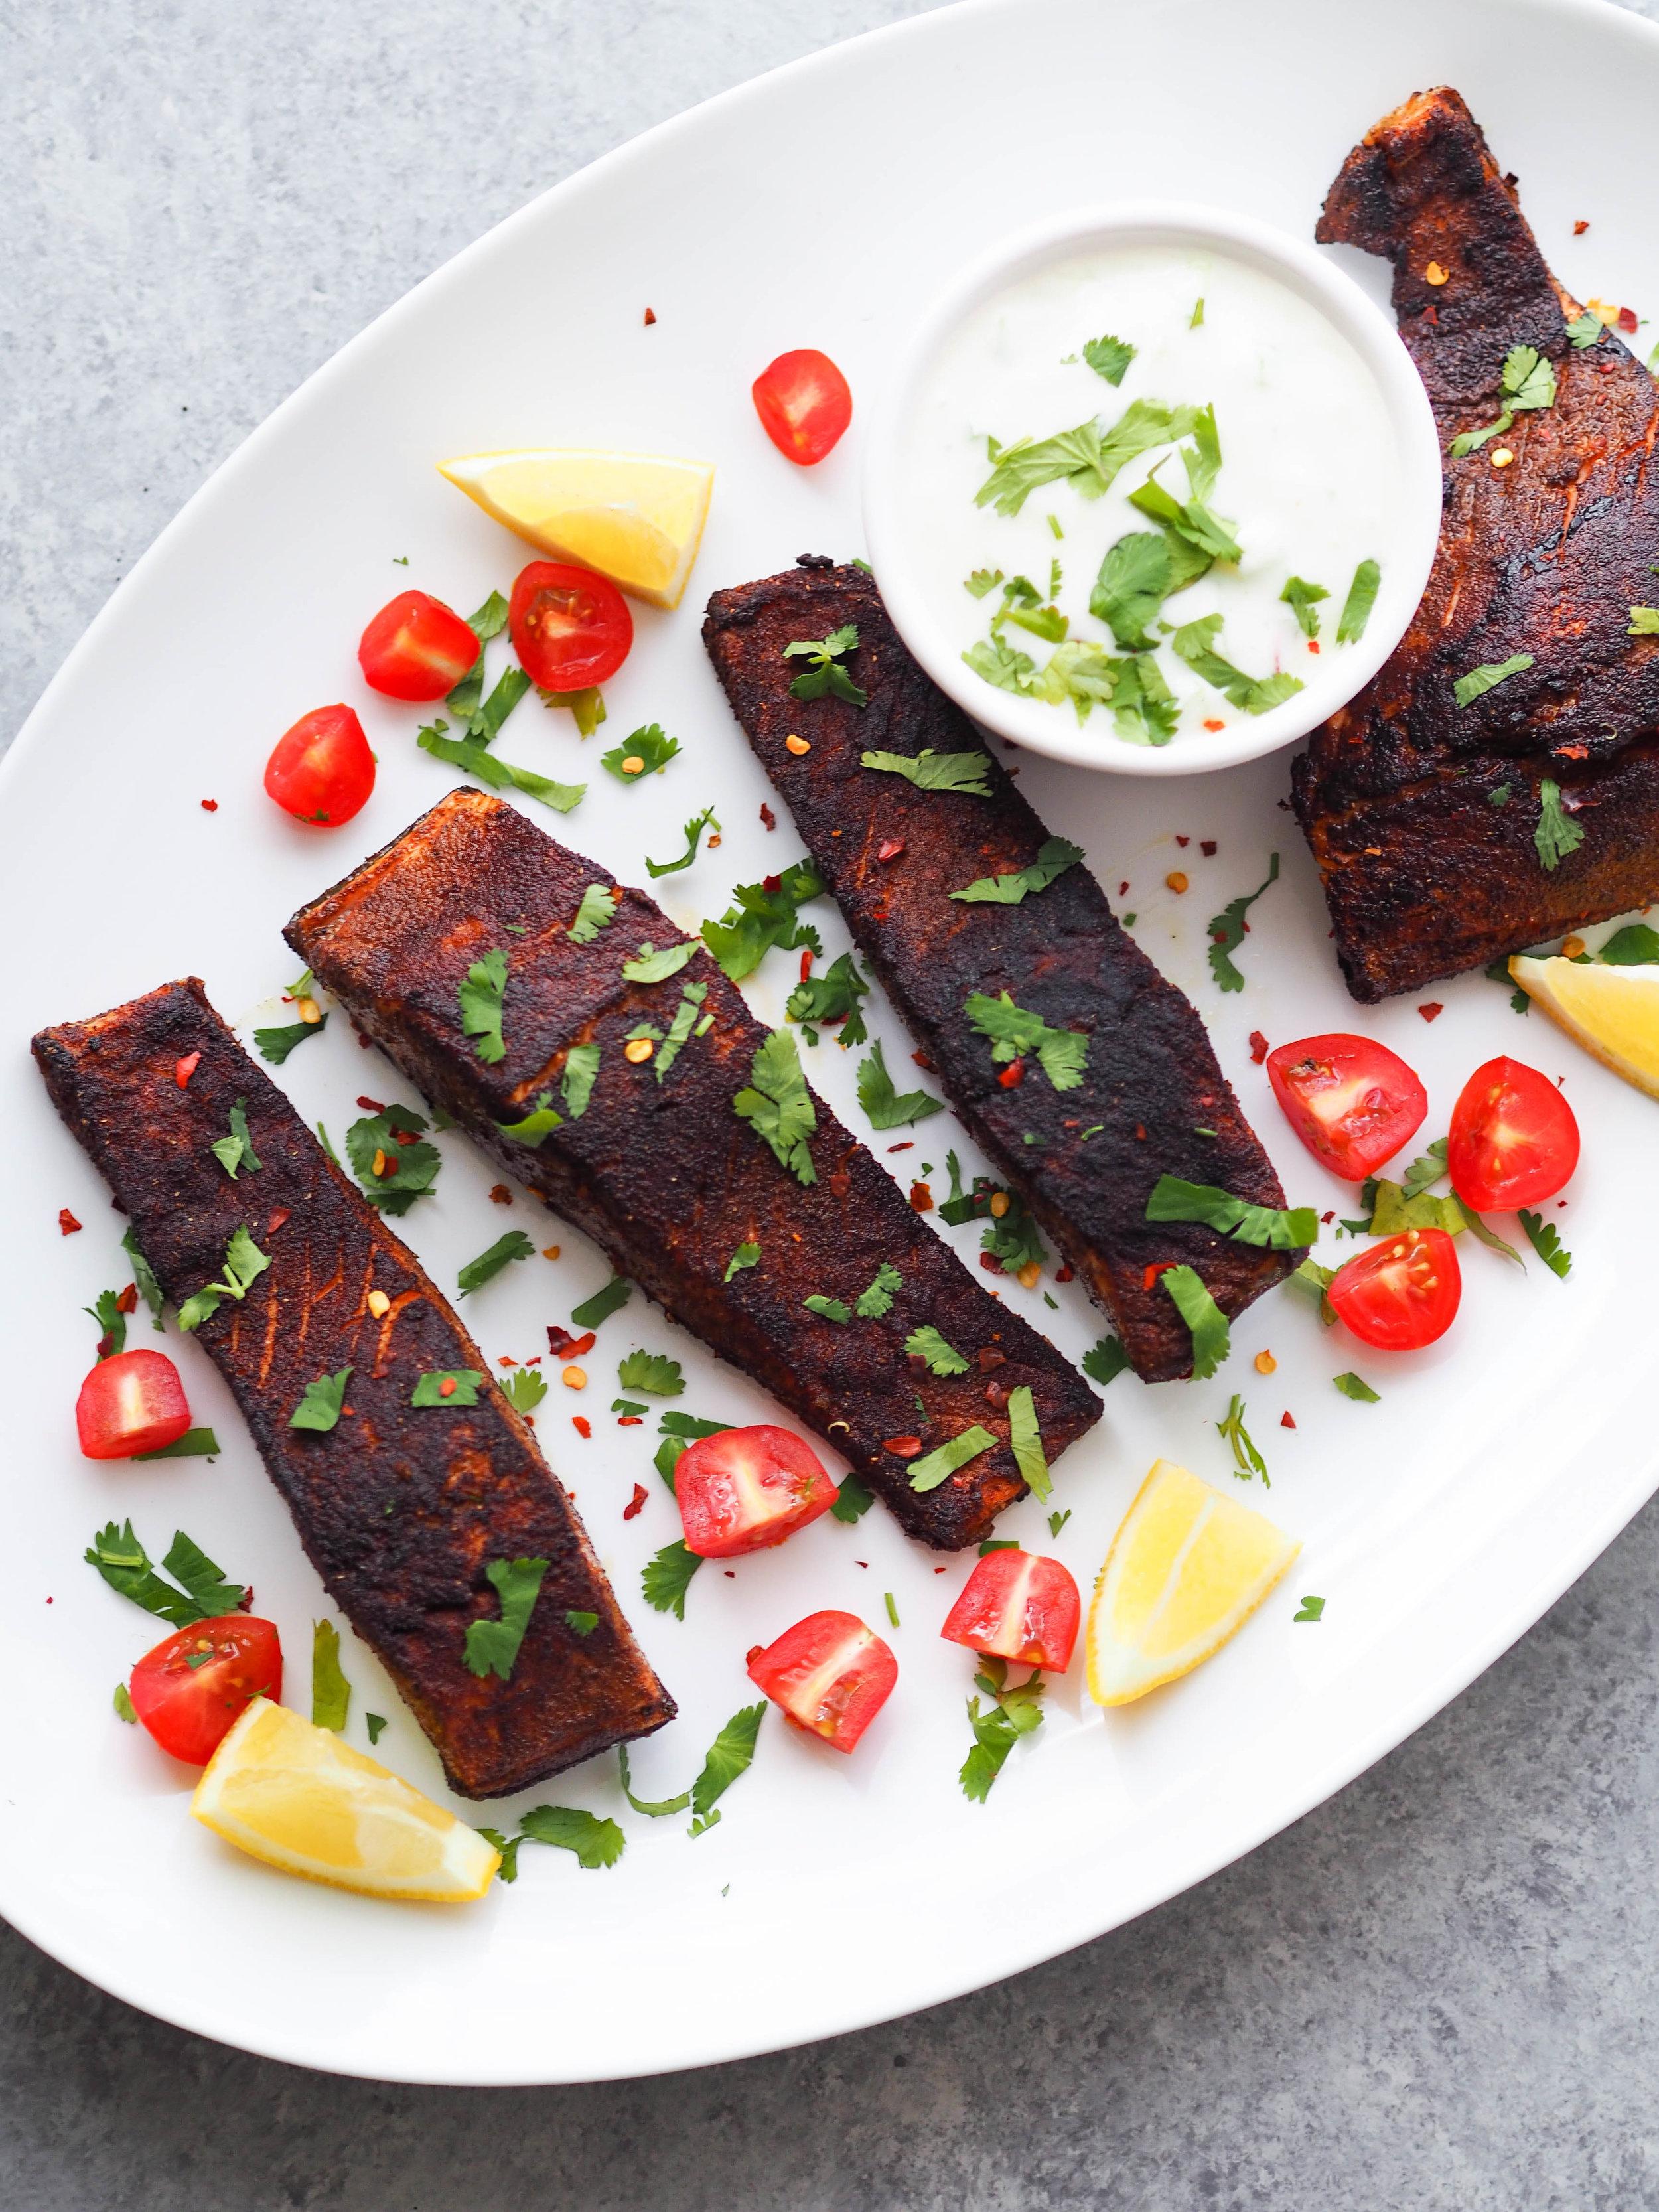 用一条鲑鱼,用美味的黄瓜沙拉来吃盐!##优雅的素食#